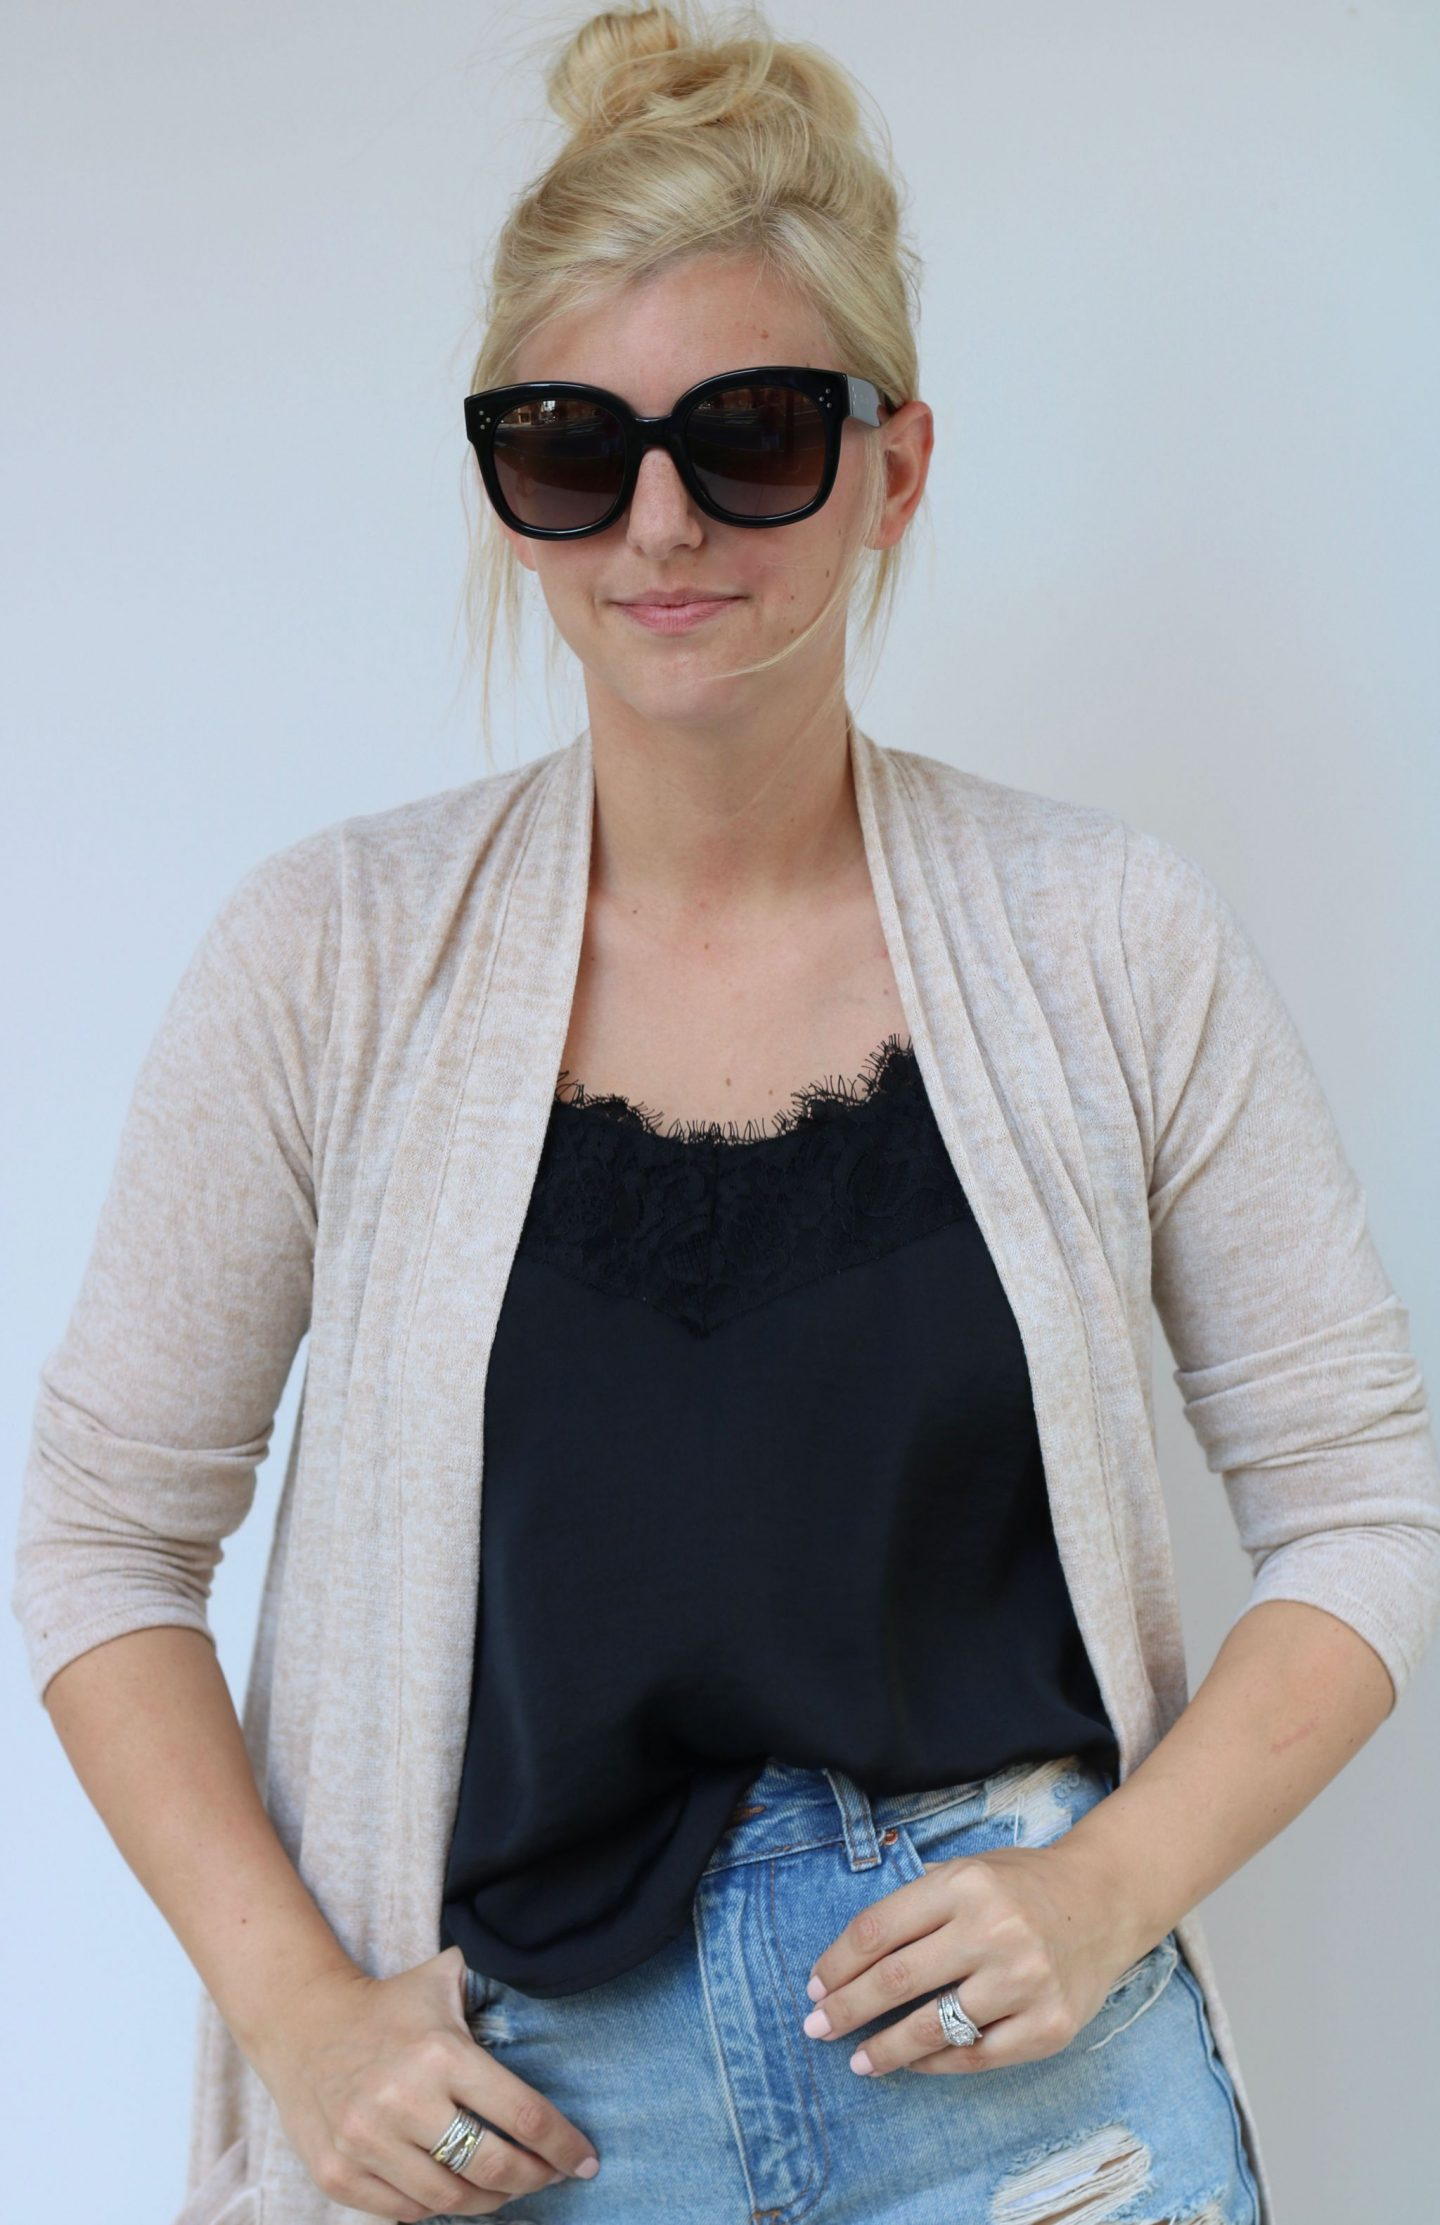 topbun, lace cami, celine audrey sunglasses